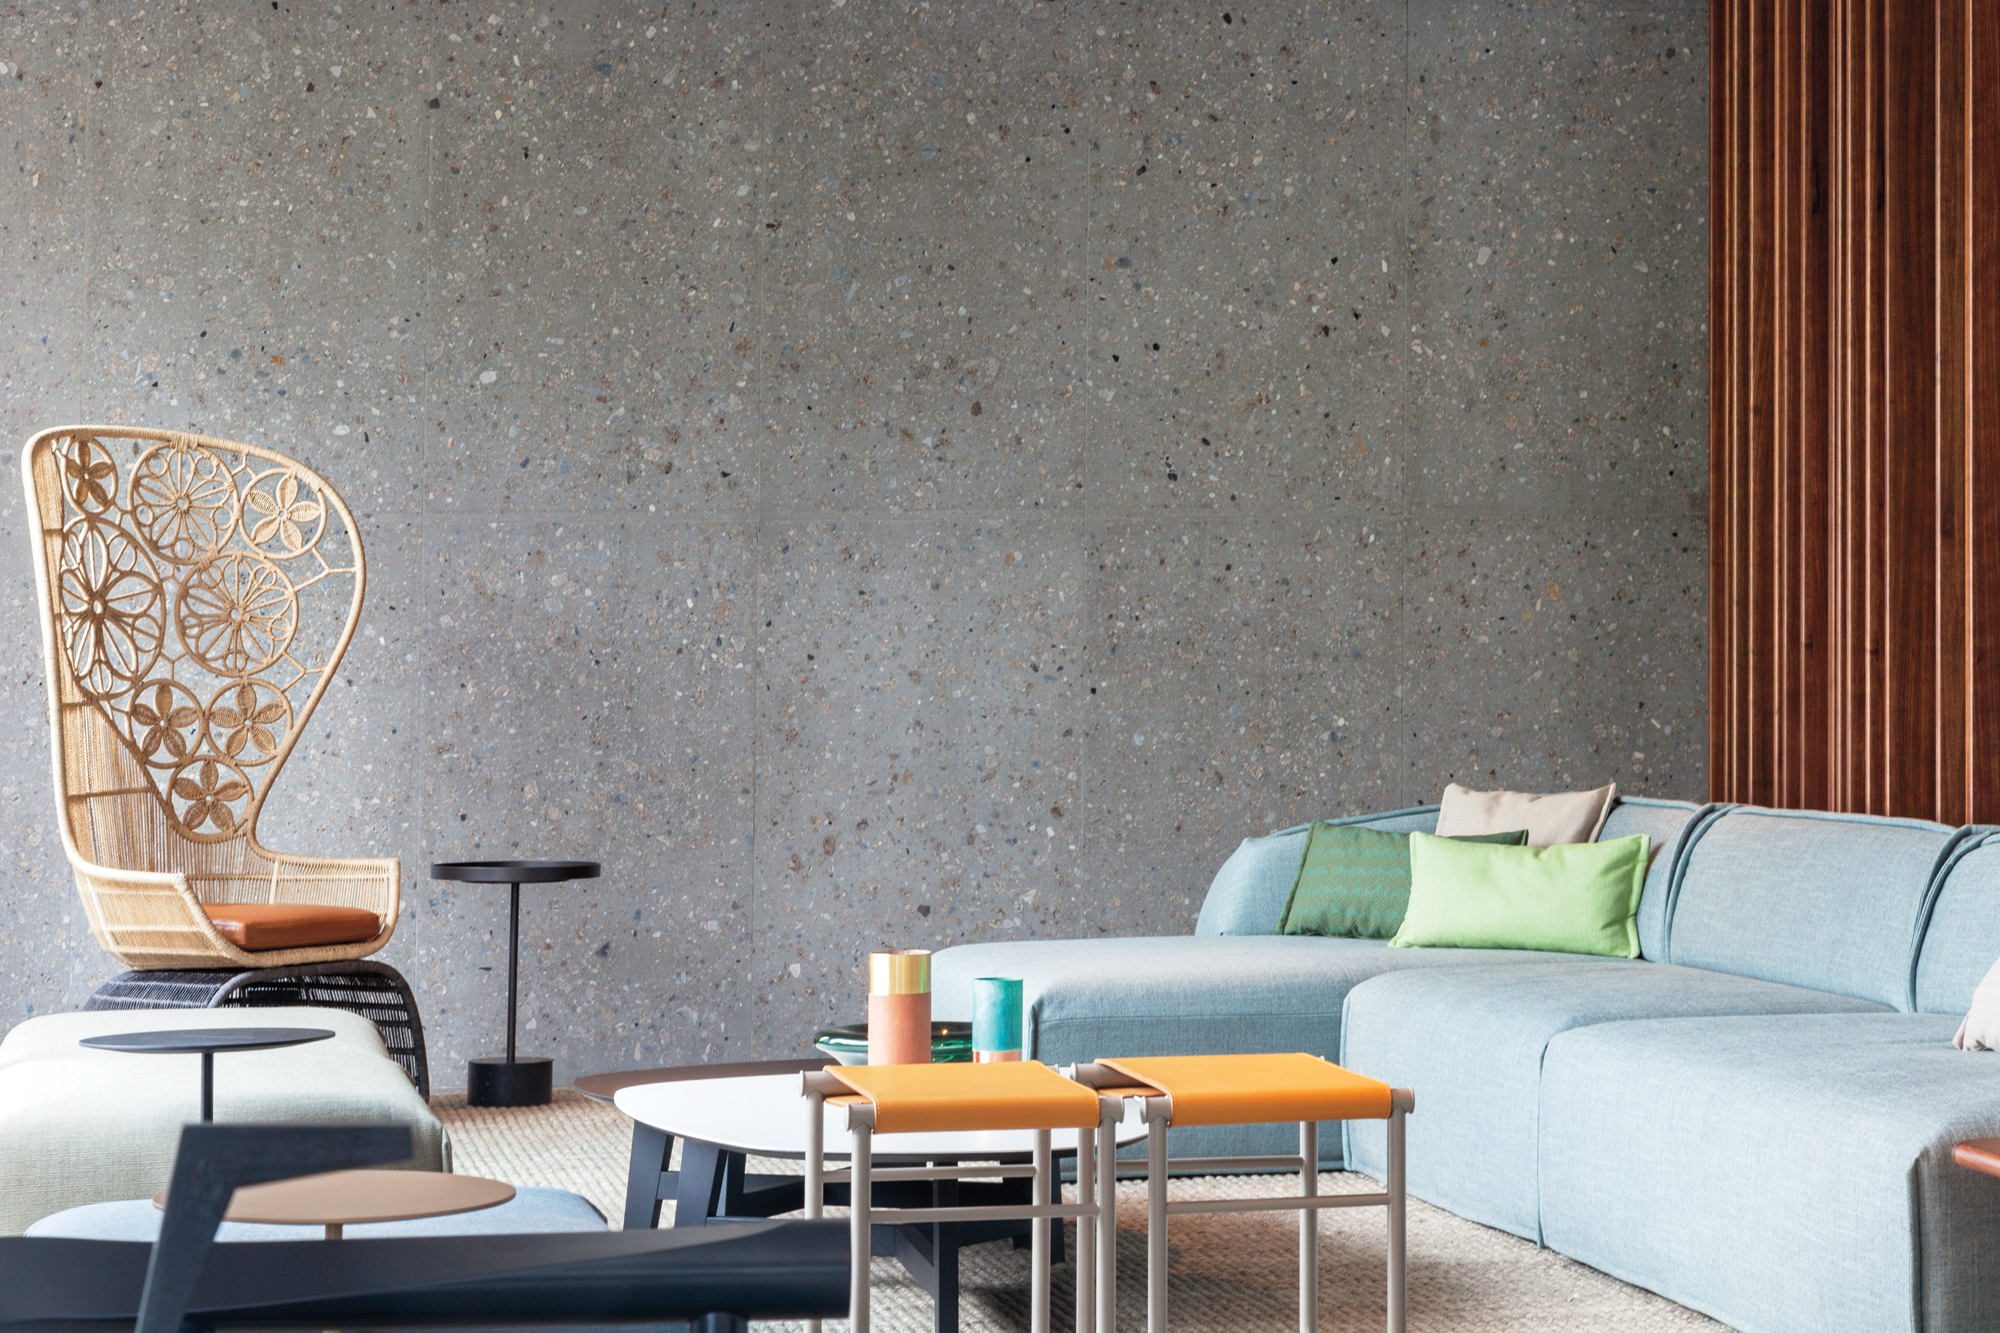 Patricia urquiola designs idyllic lake como hotel il sereno for Design hotel como